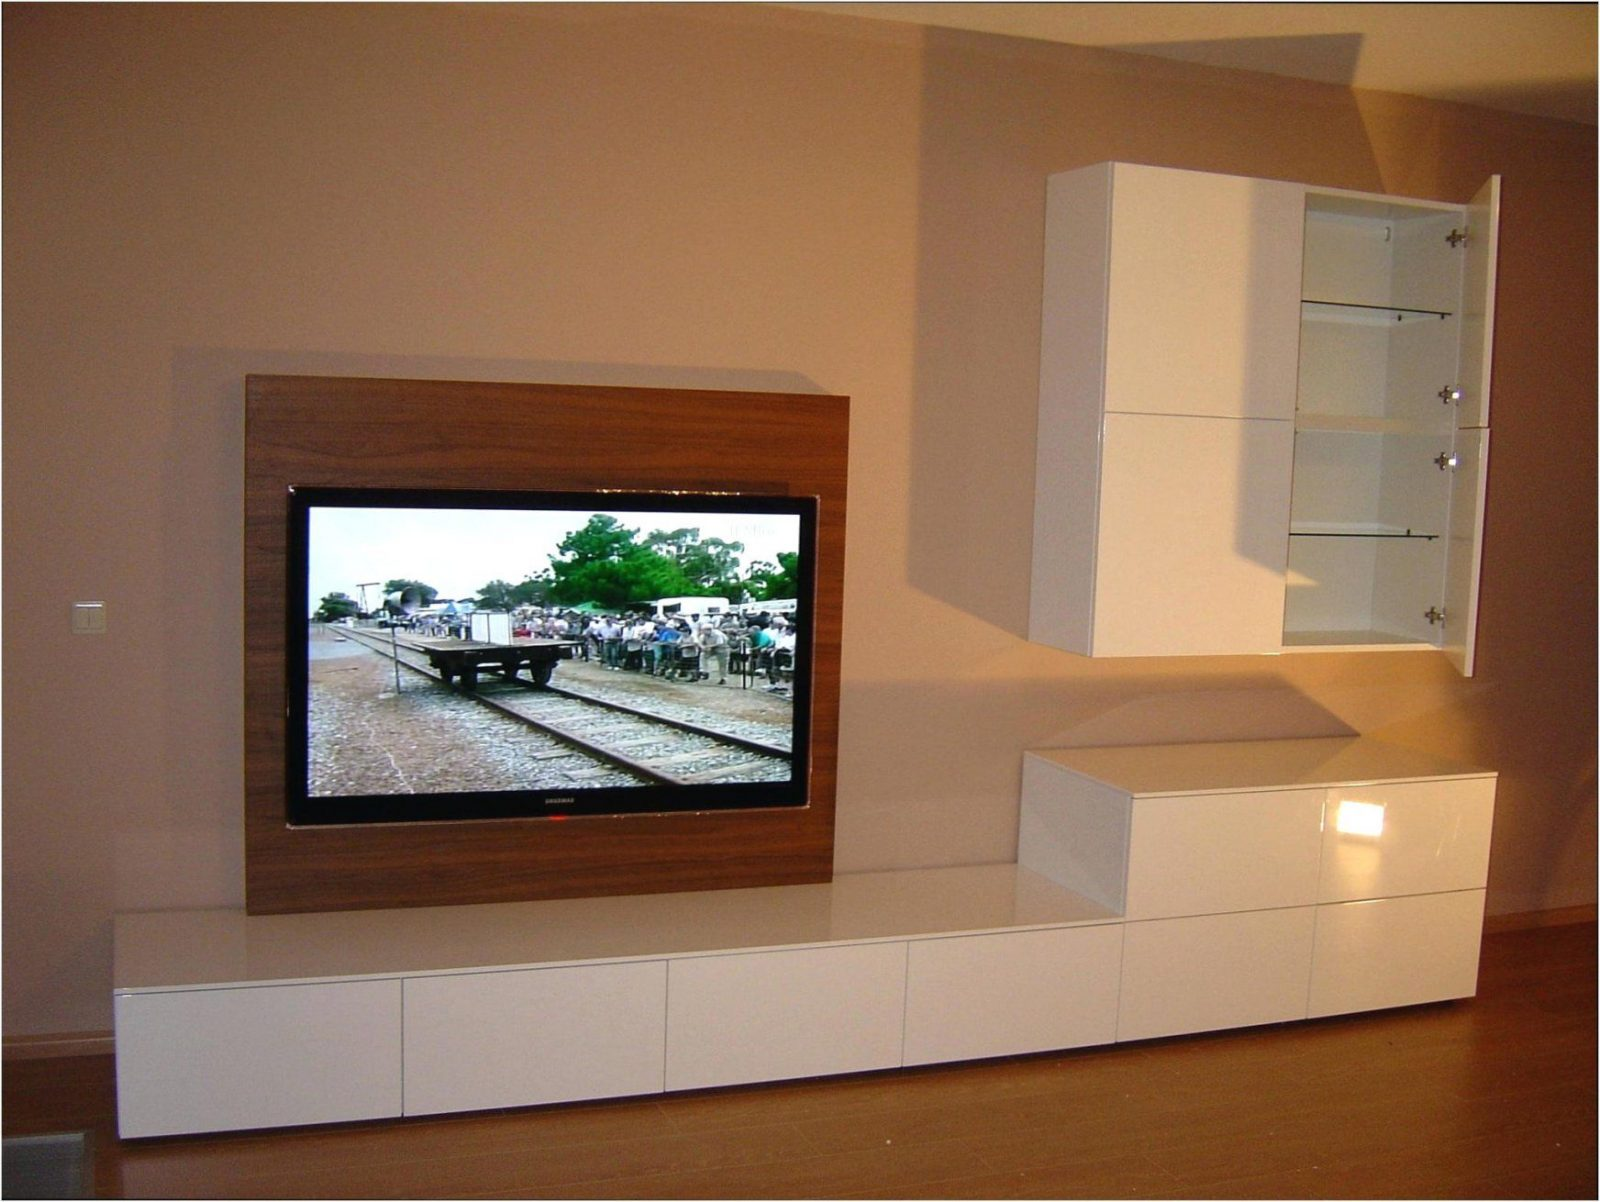 Wohnwand Selber Bauen Rigips Mit Tv Wand Bauanleitung Zum Heimwerker von Wohnwand Selber Bauen Anleitung Bild